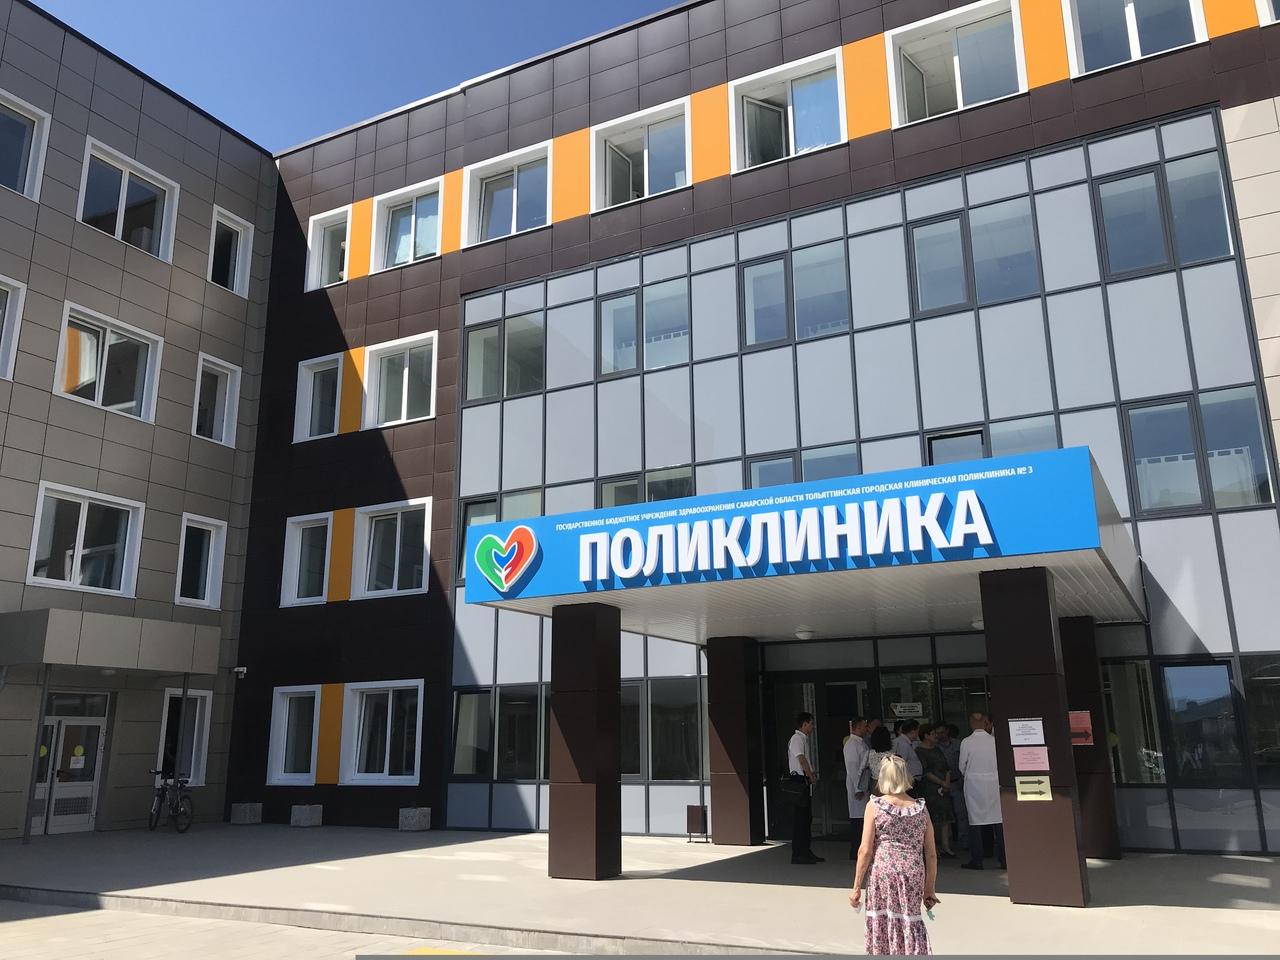 В Тольятти открылась новая поликлиника